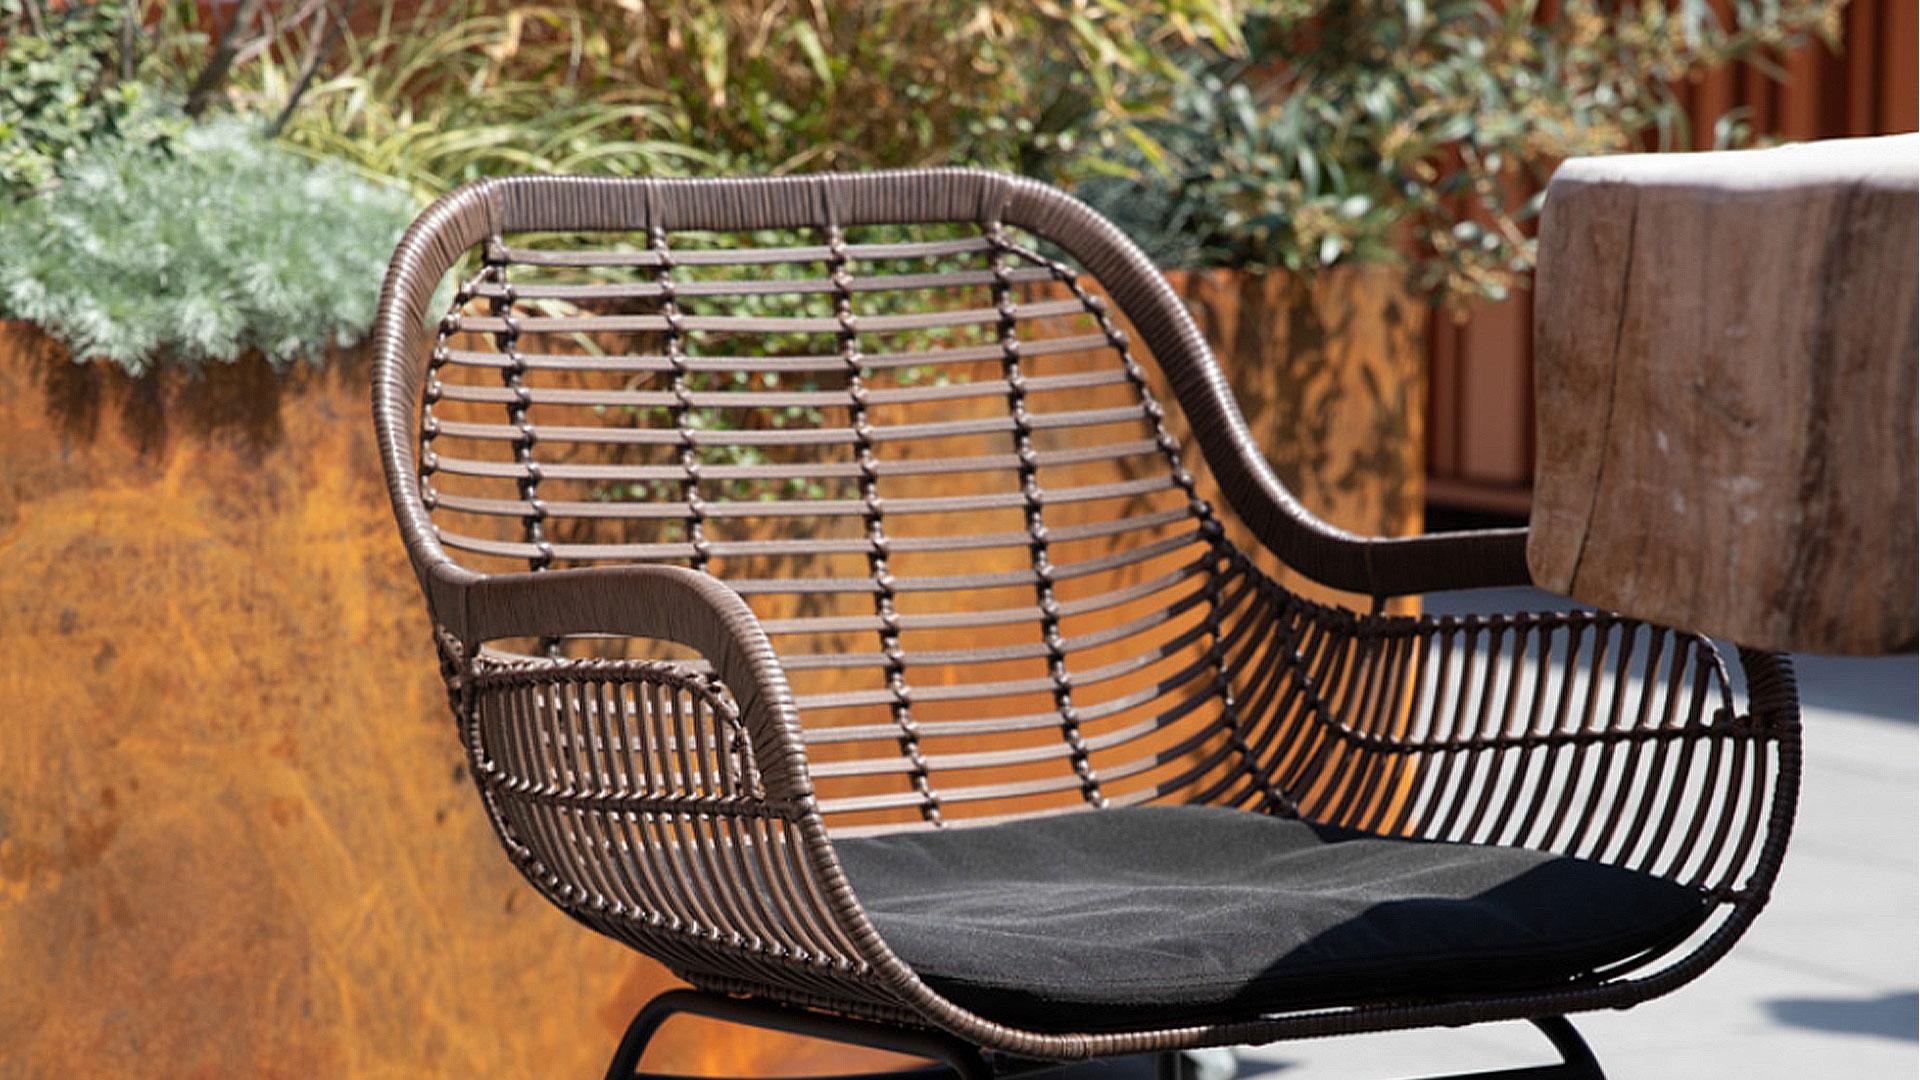 屋外用の椅子。アウトドアインテリアのガーデンファニチャーの屋外で使った時のイメージの画像